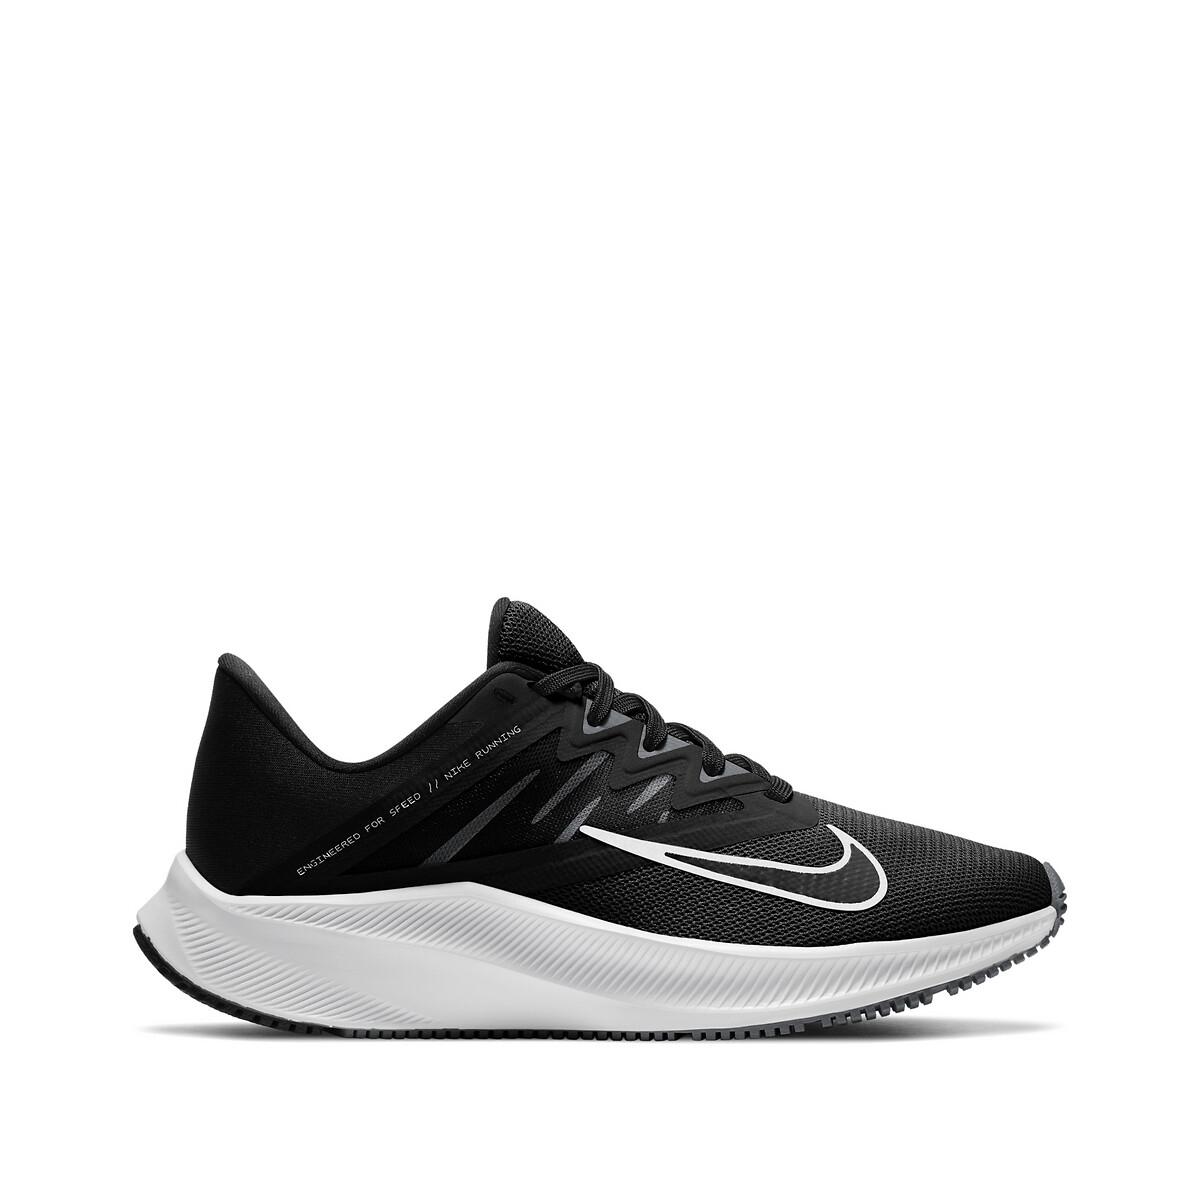 Nike Quest 3 hardloopschoenen zwart/wit-donkergrijs online kopen